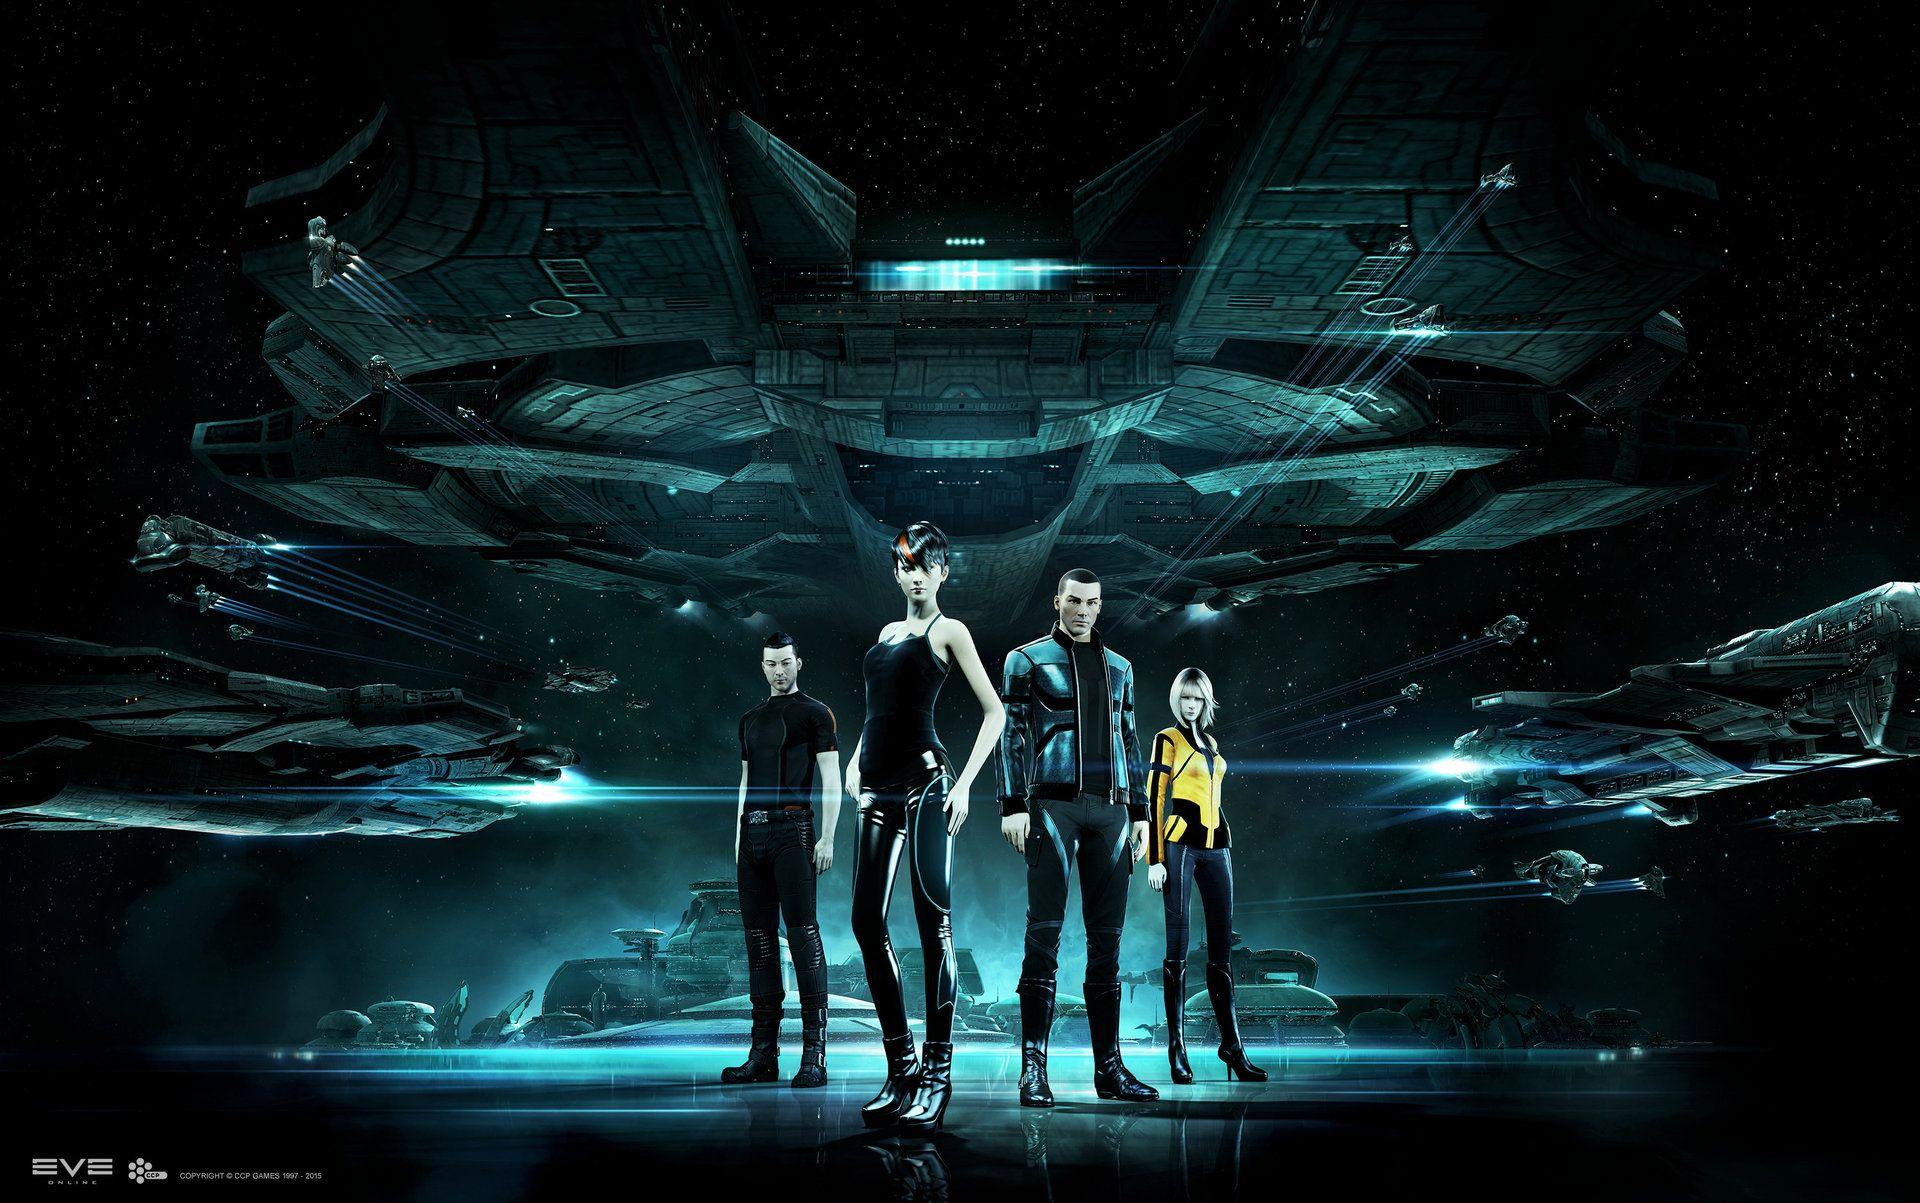 Gallente Crew (ArtStation - Eve Online - Key Art, Andrei Cristea